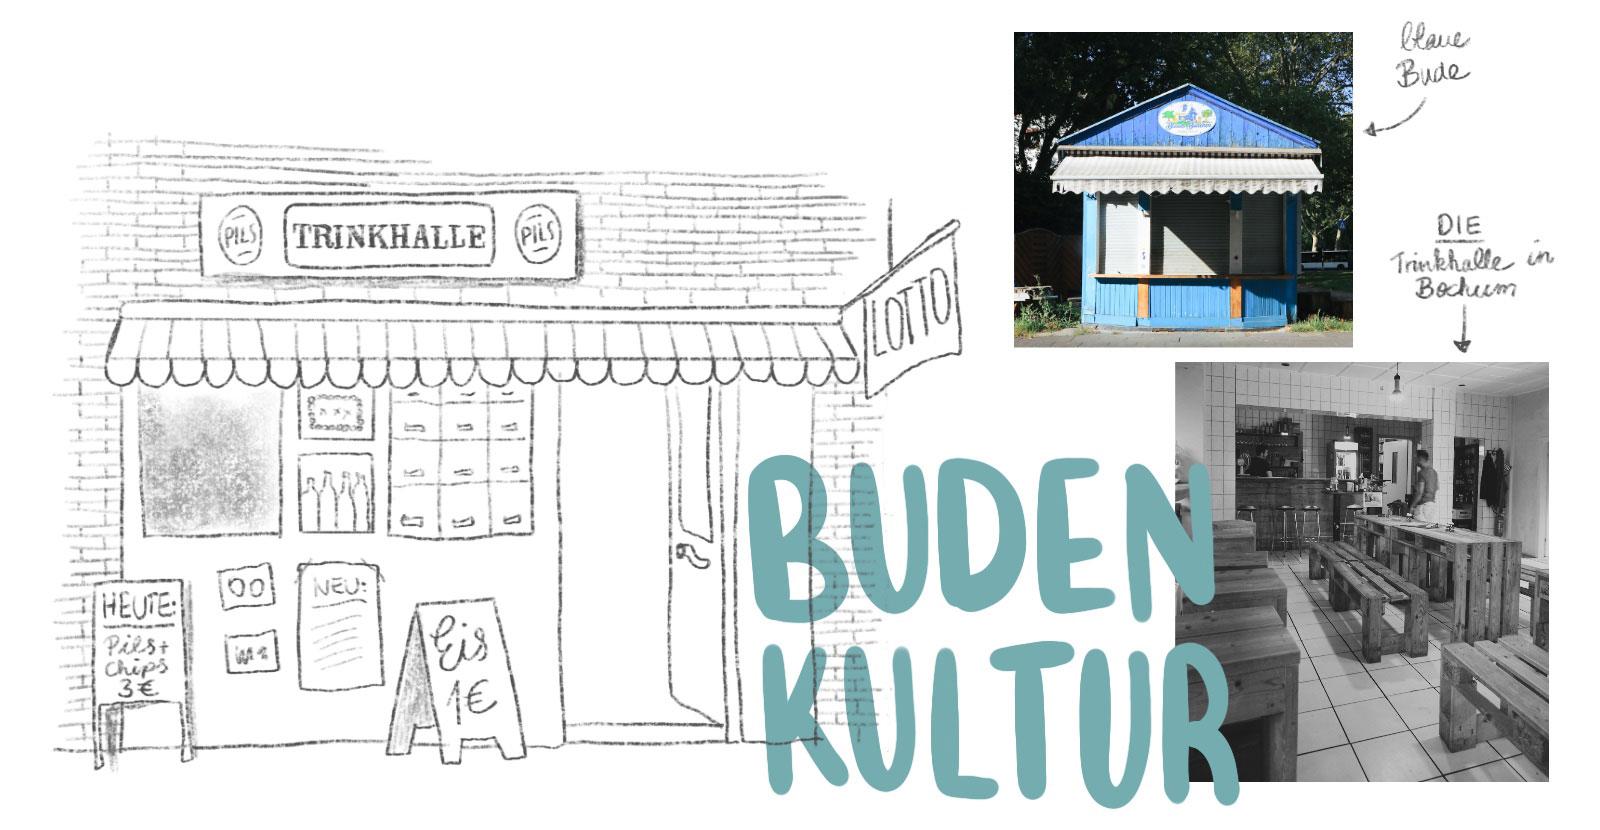 Budenkultur Trinkhallen im Ruhrgebiet Landmarken Ausflugsziele Ruhrpott